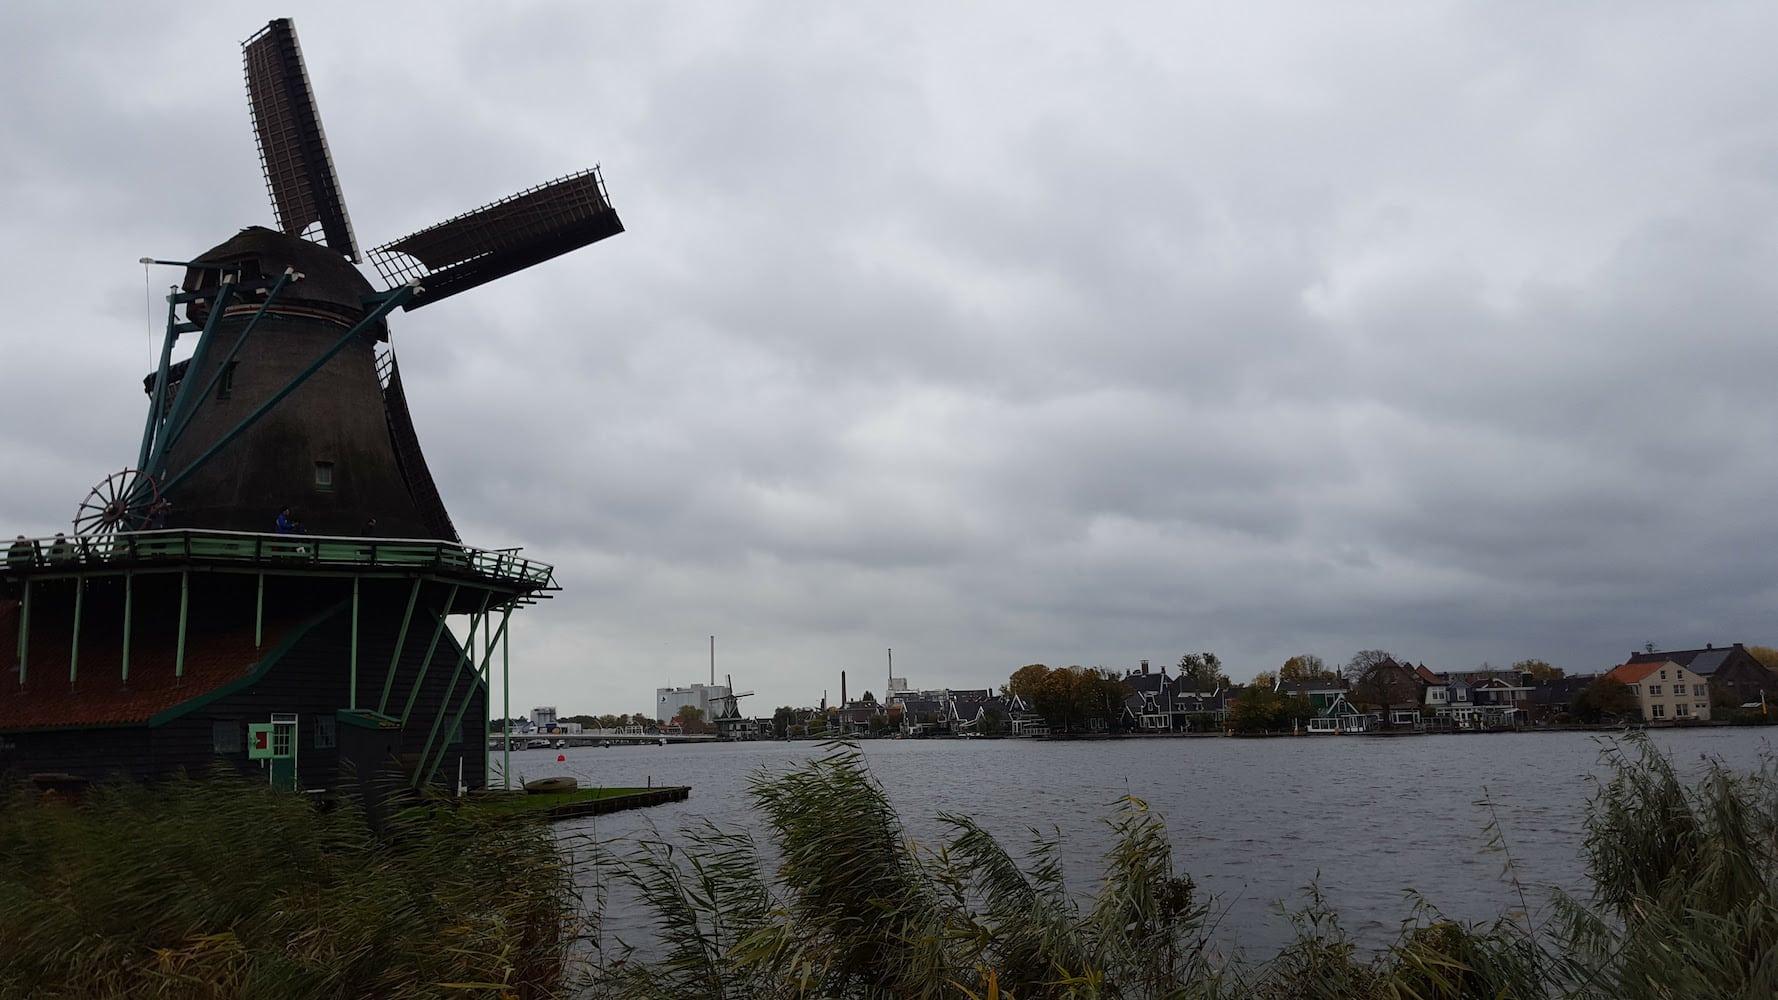 amsterdam_zaanse_schans_petit